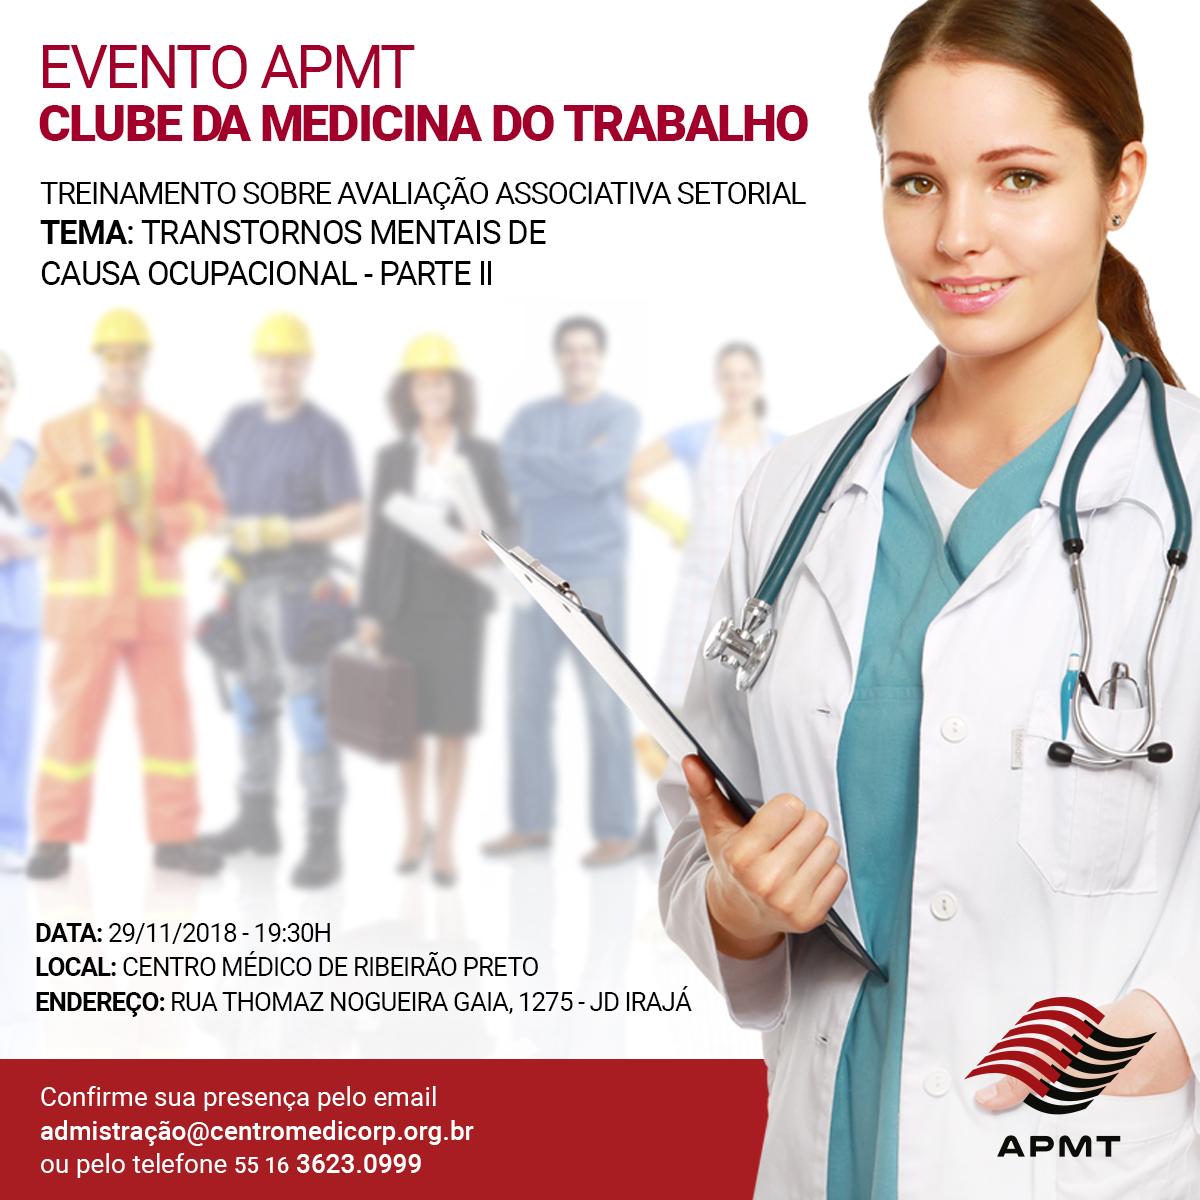 Evento: Treinamento sobre avaliação associativa setorial